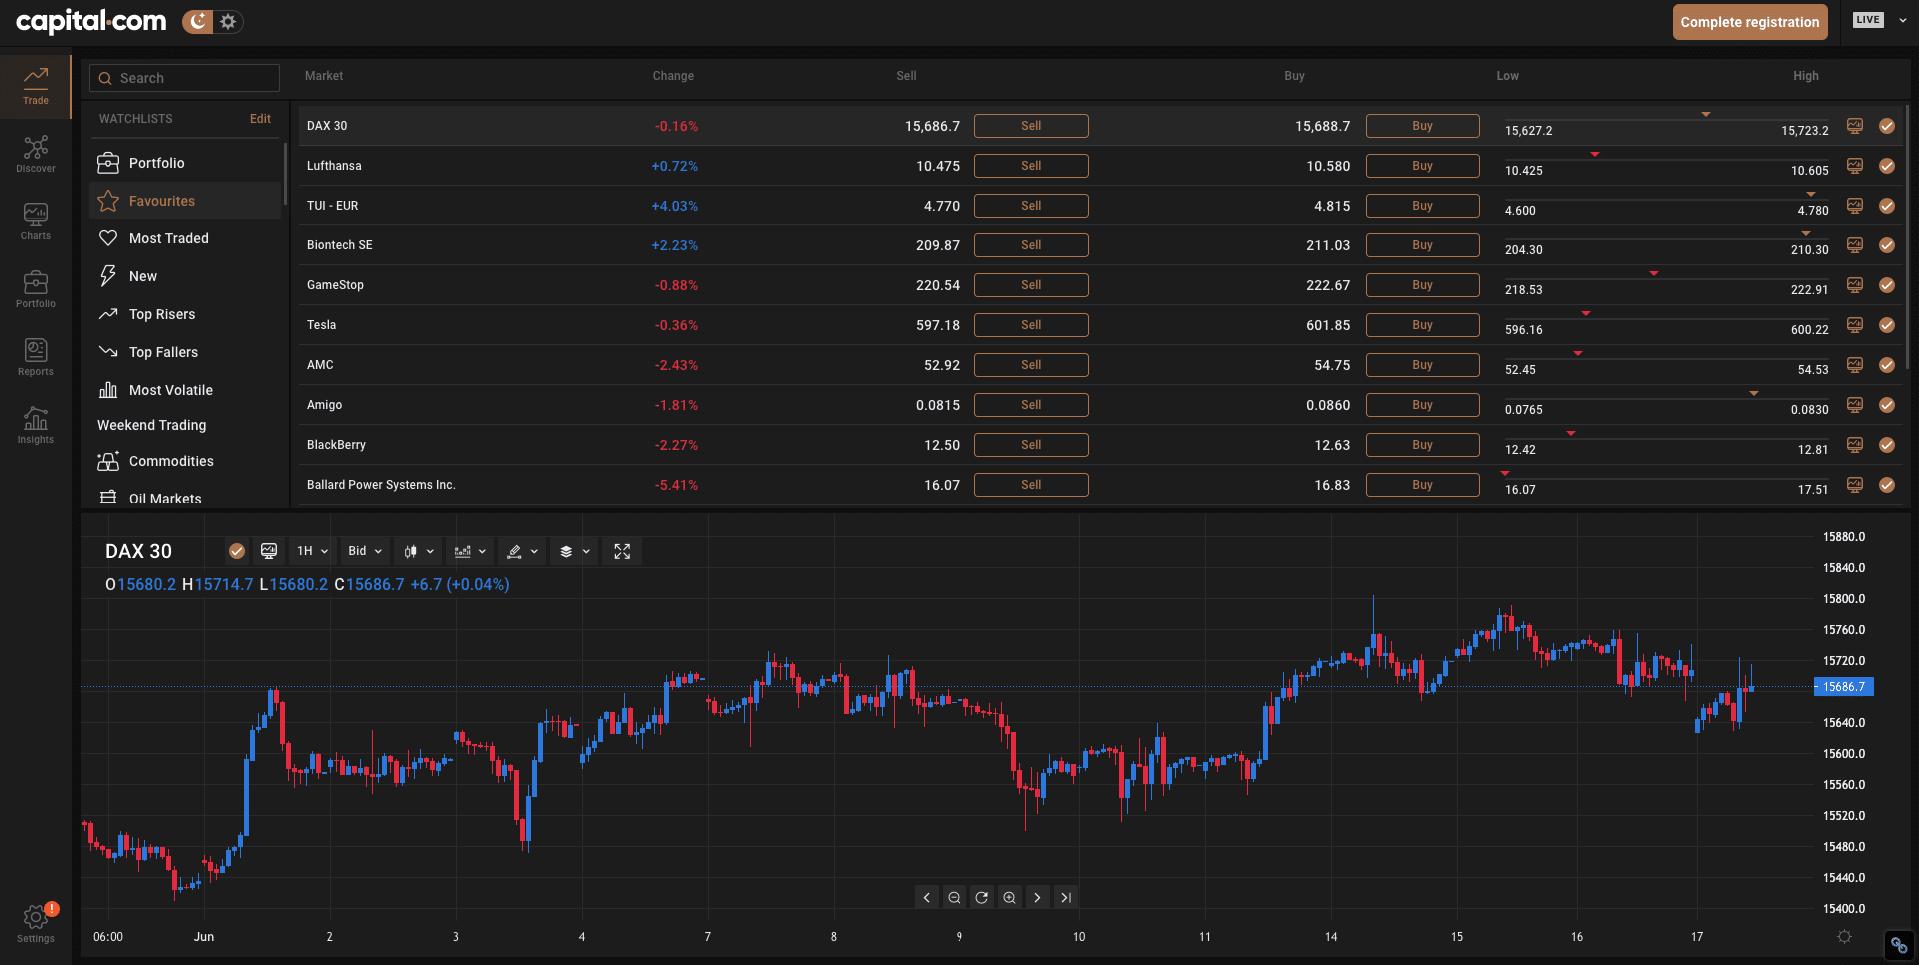 Captial.com trading